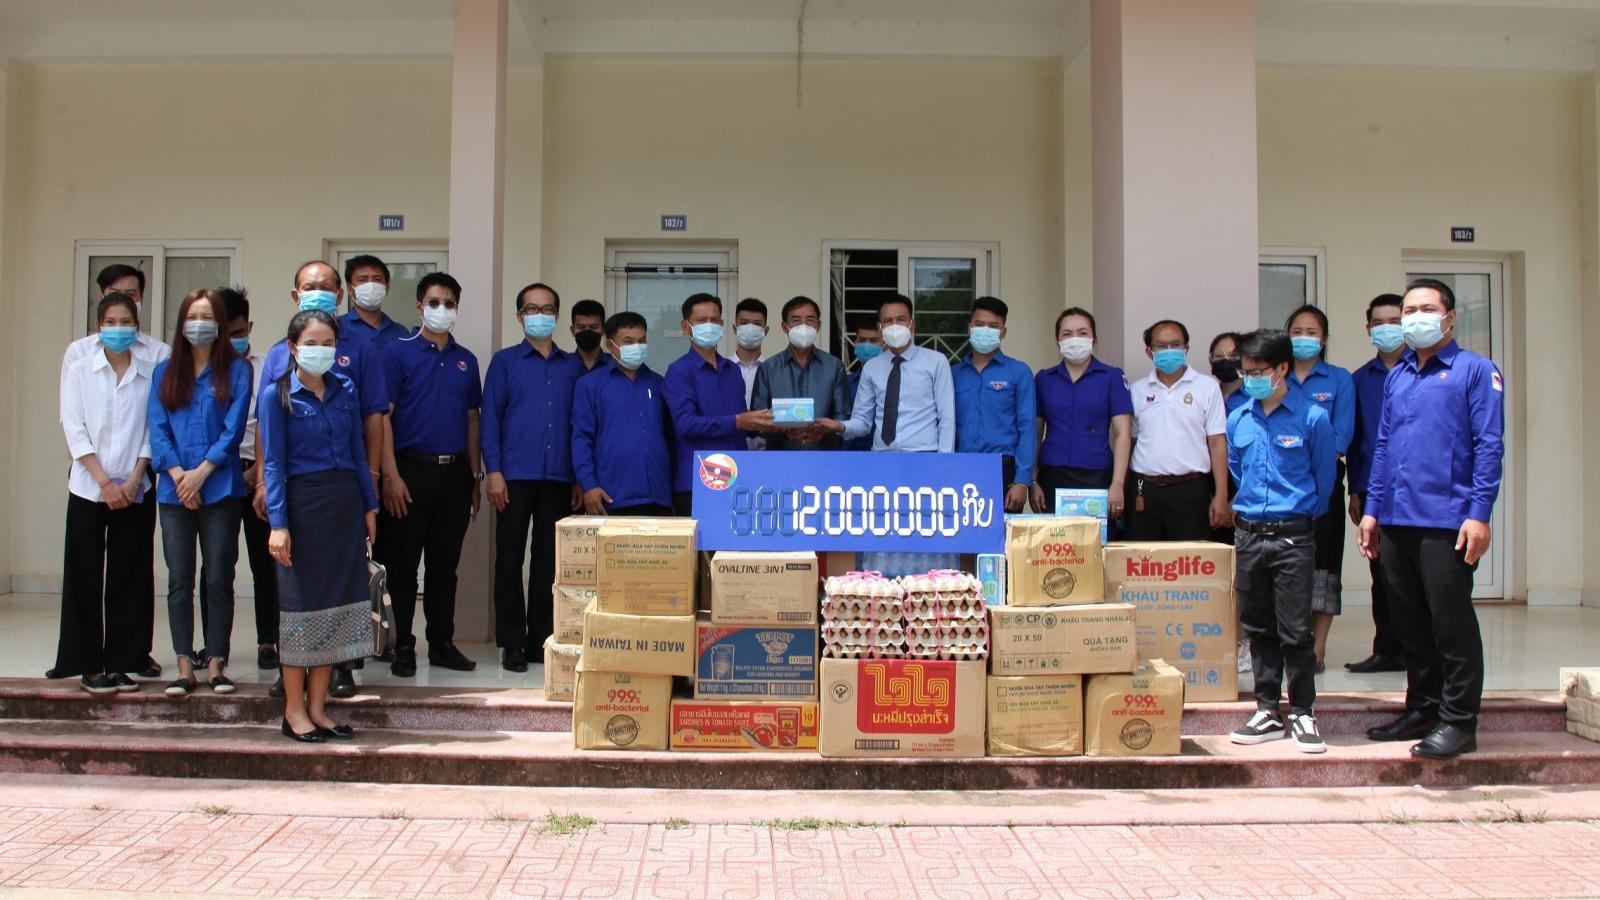 Đoàn Thanh niên Lào hỗ trợ sinh viên Việt Nam phòng chống covid-19